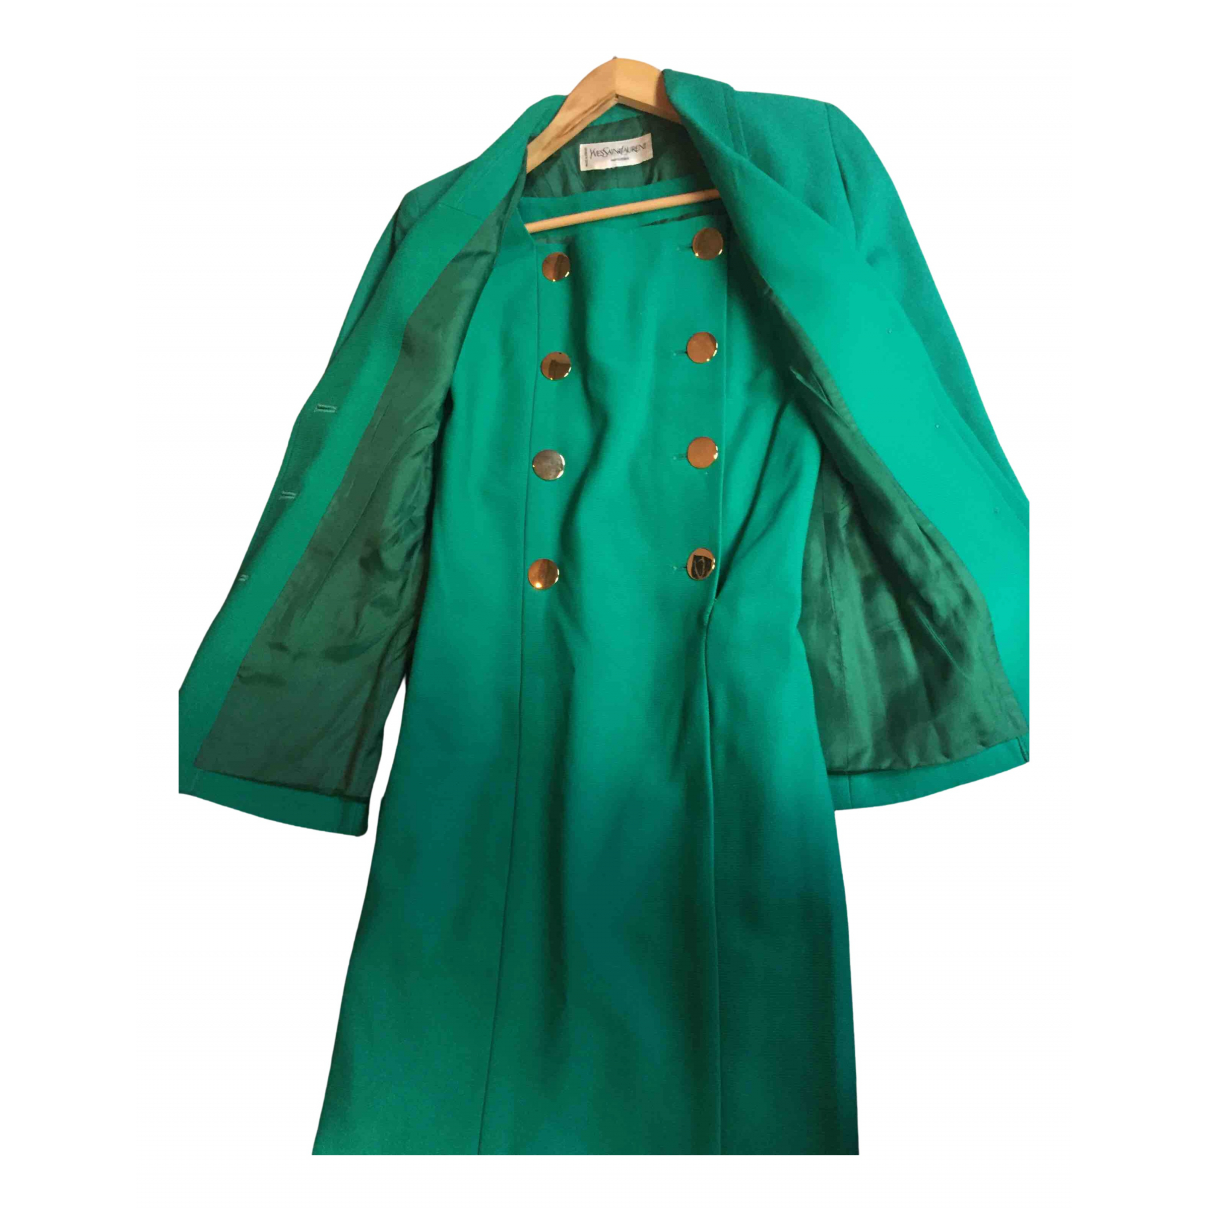 Yves Saint Laurent \N Kleid in  Gruen Synthetik